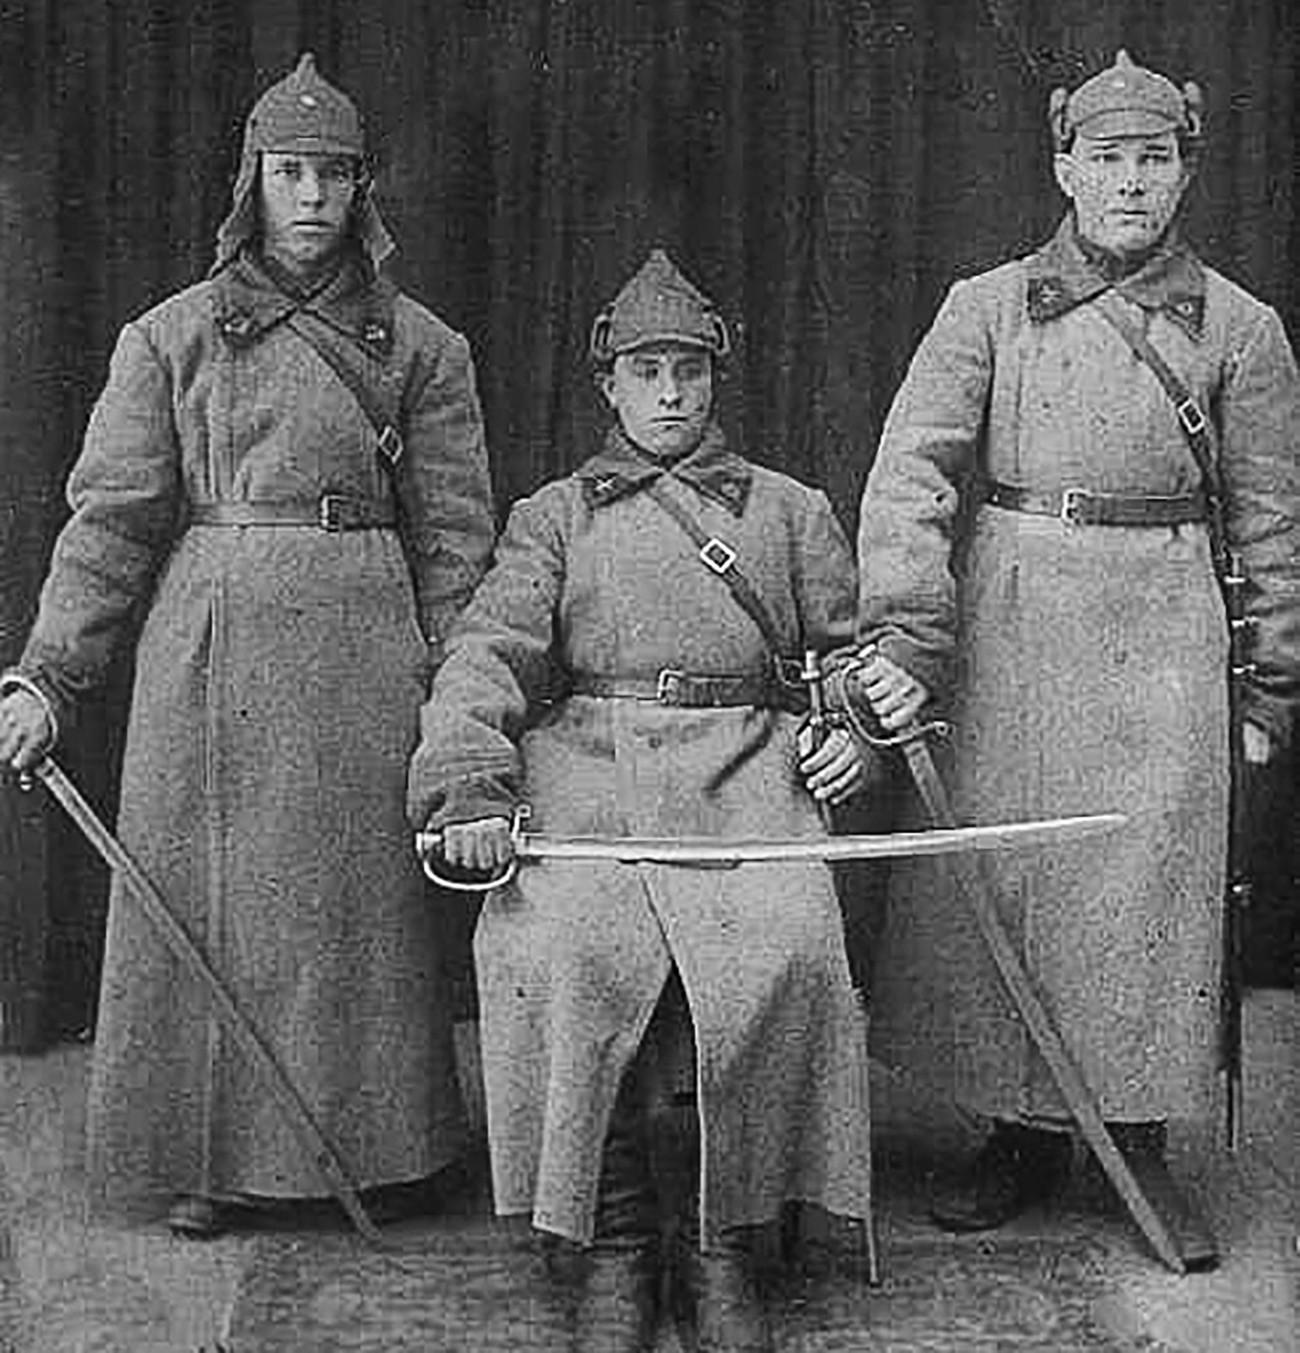 Caballería del Ejército Rojo